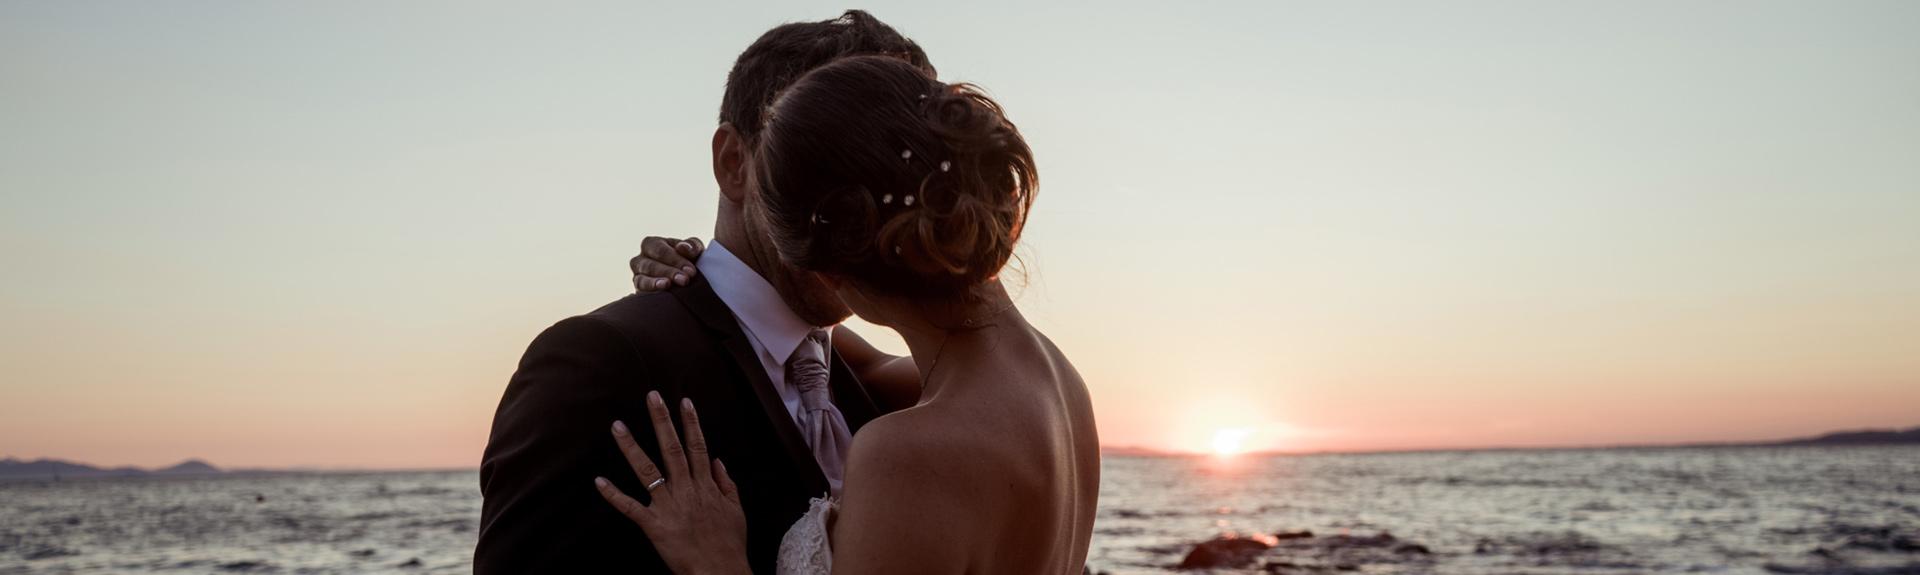 Свадьбы, первое причастие, крещение